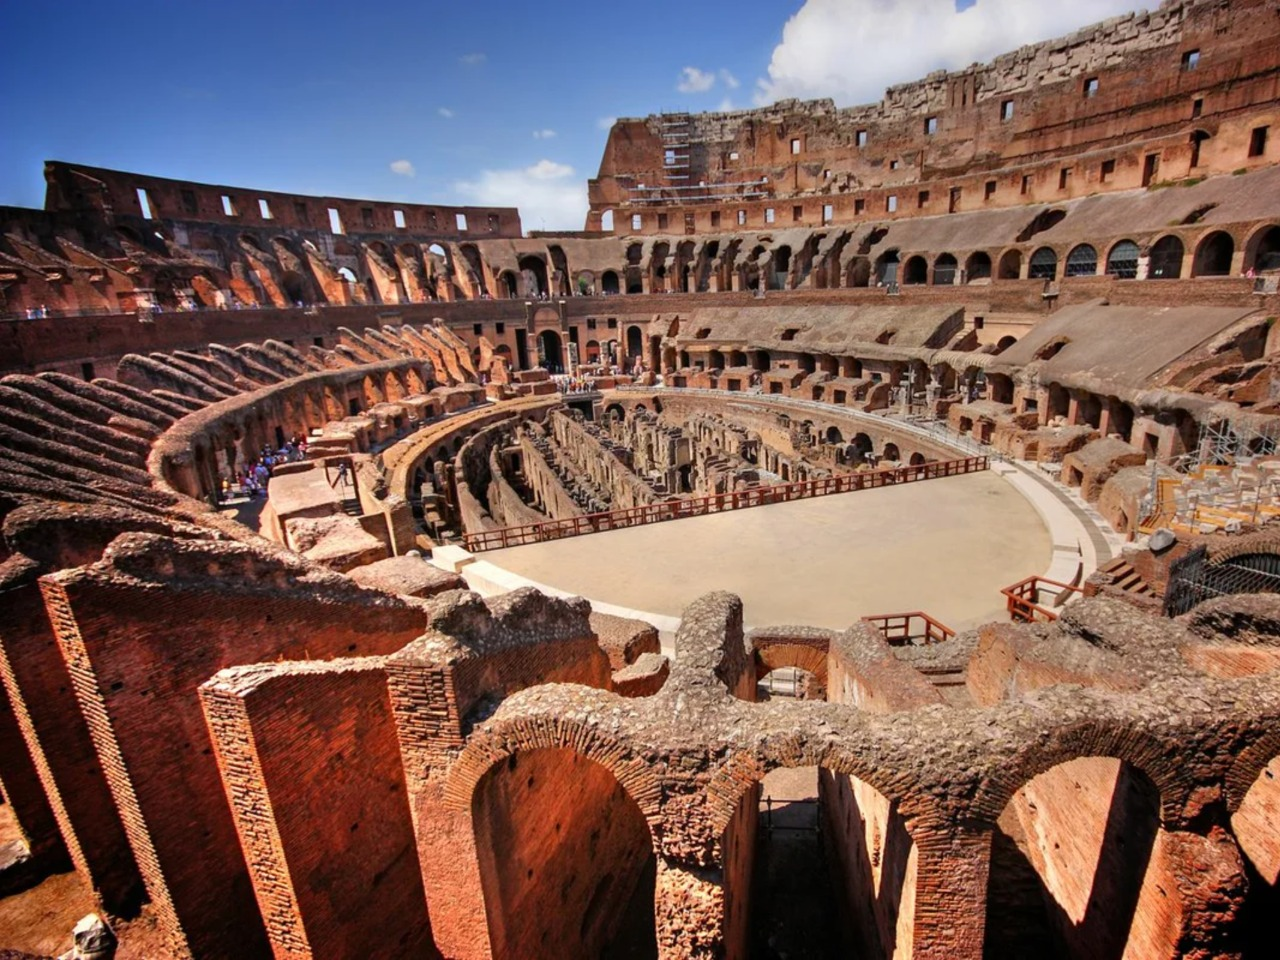 Колизей — арена гладиаторов, зрелищ и страстей - индивидуальная экскурсия в Риме от опытного гида